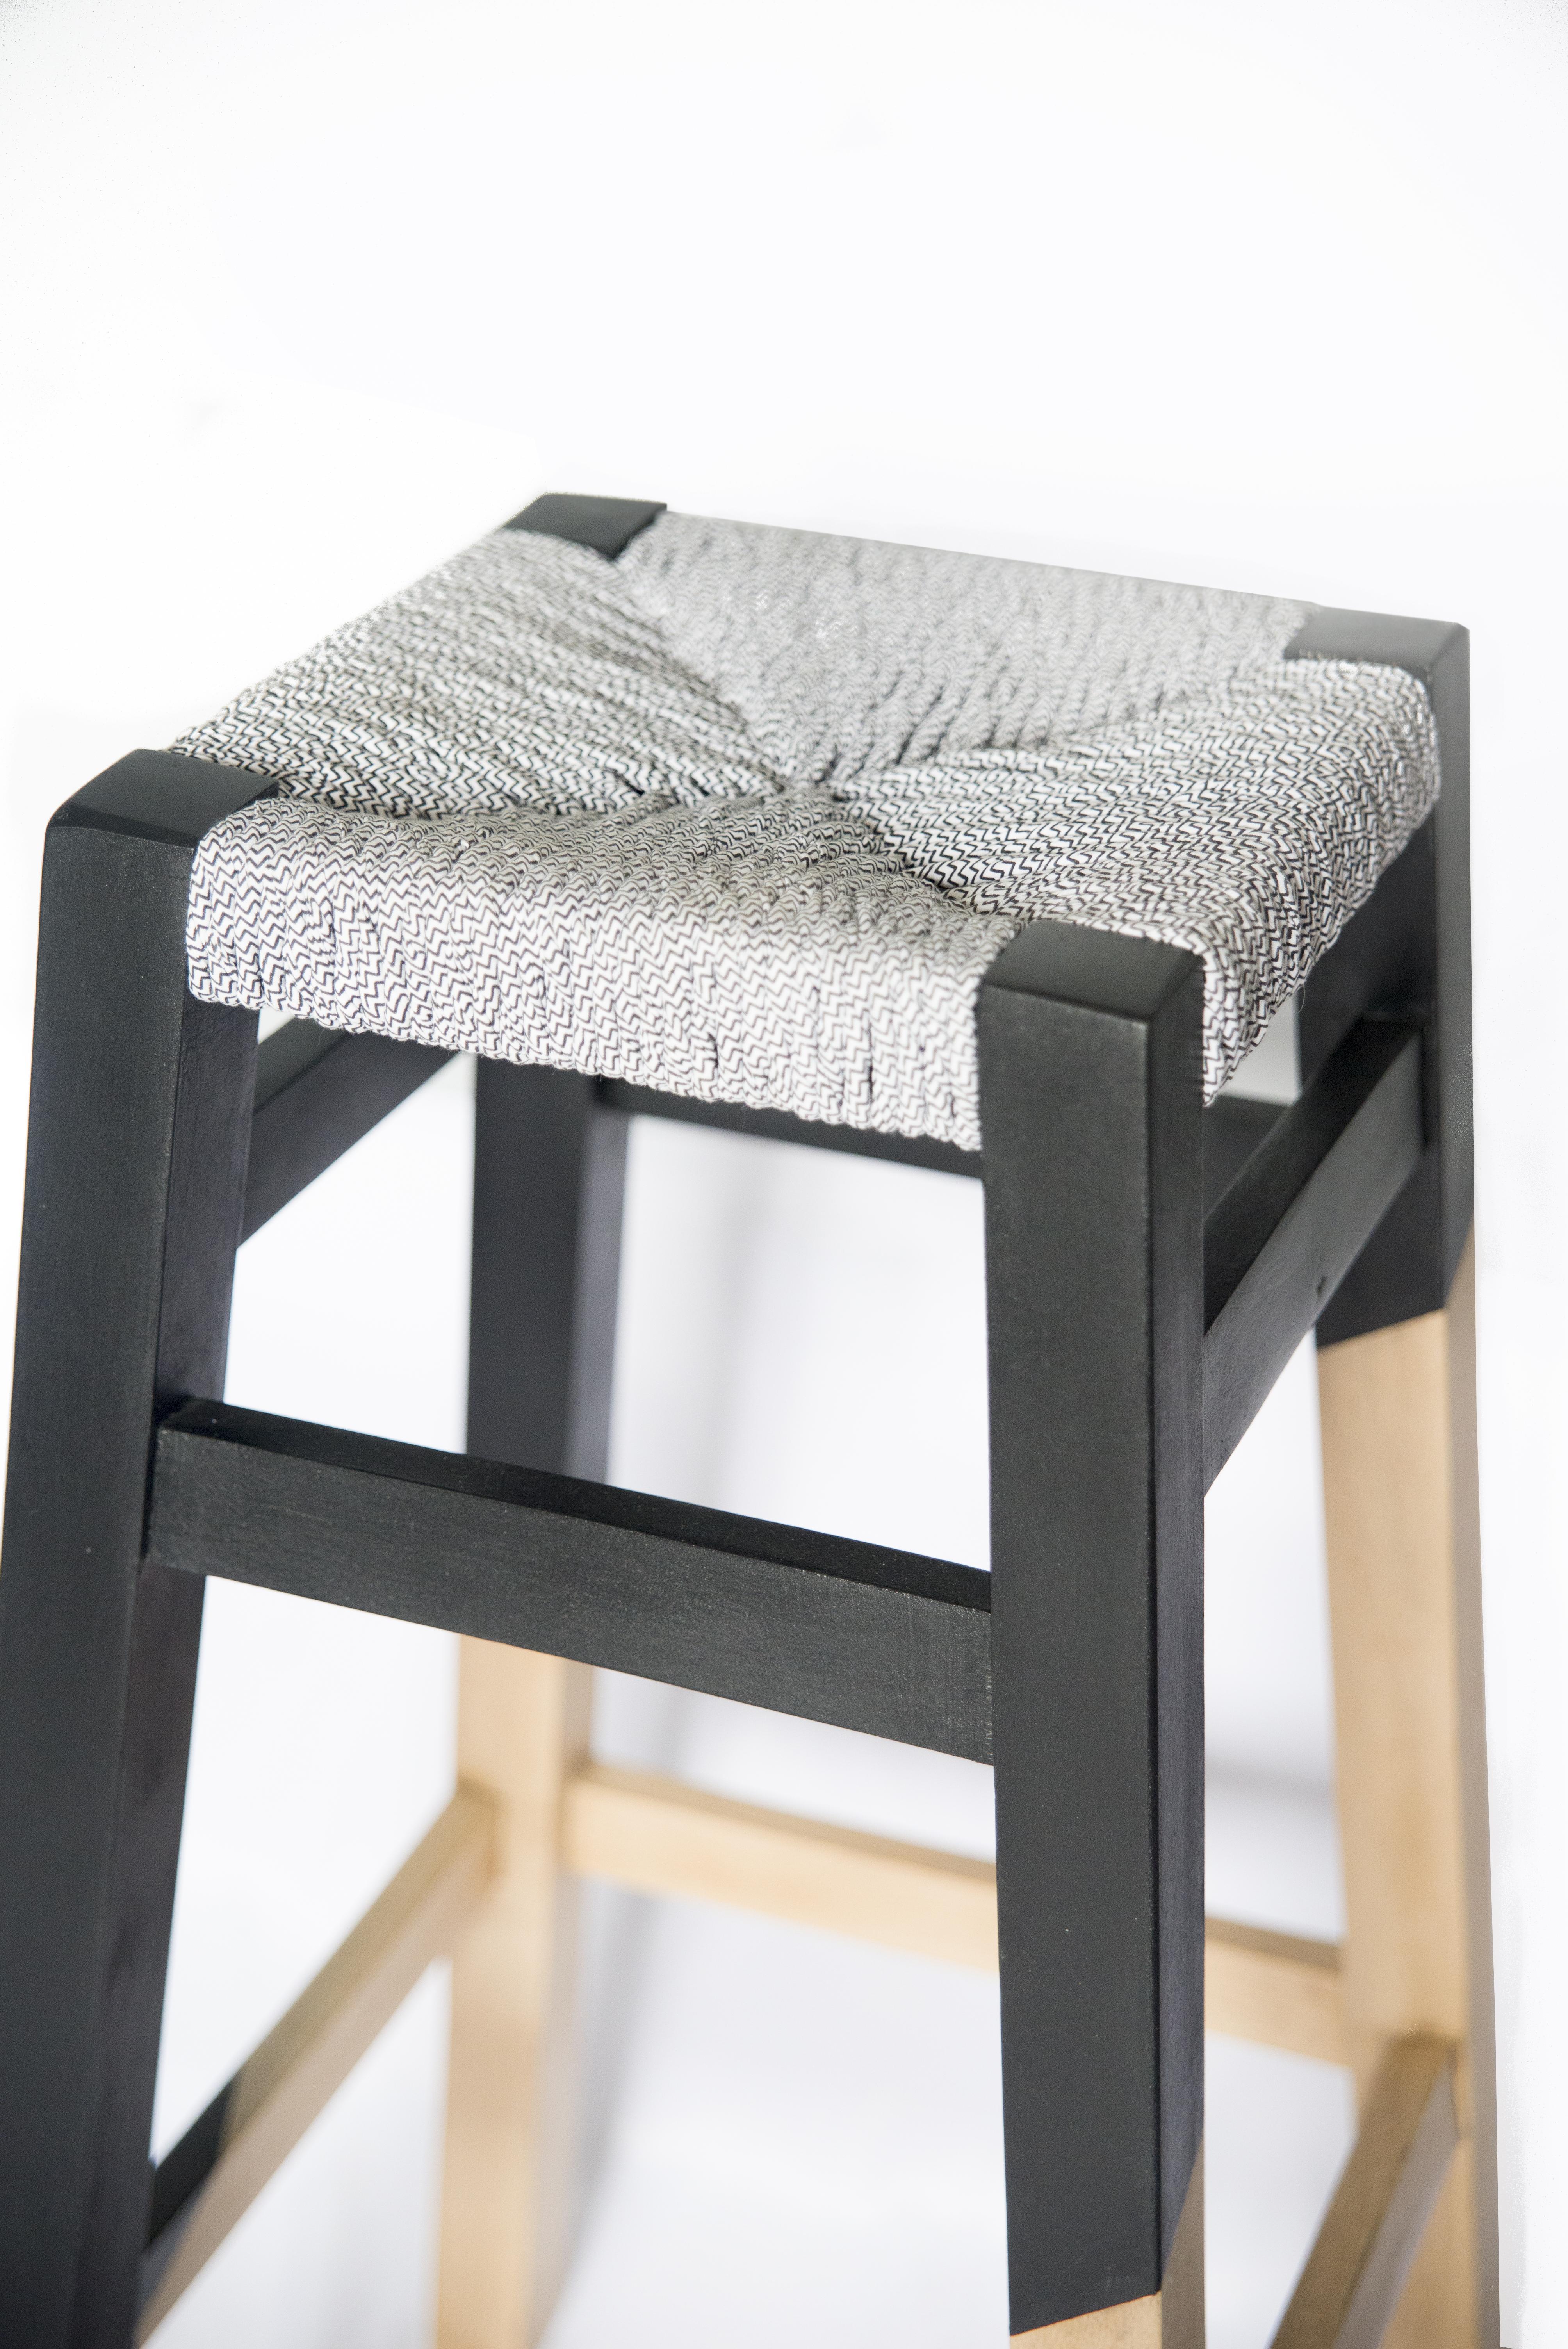 wood is folies tabouret geometrique rempaillage en torons de tissus peinture assymetrique noir finition cirée detail du haut du tabouret canteleu rouen normandie